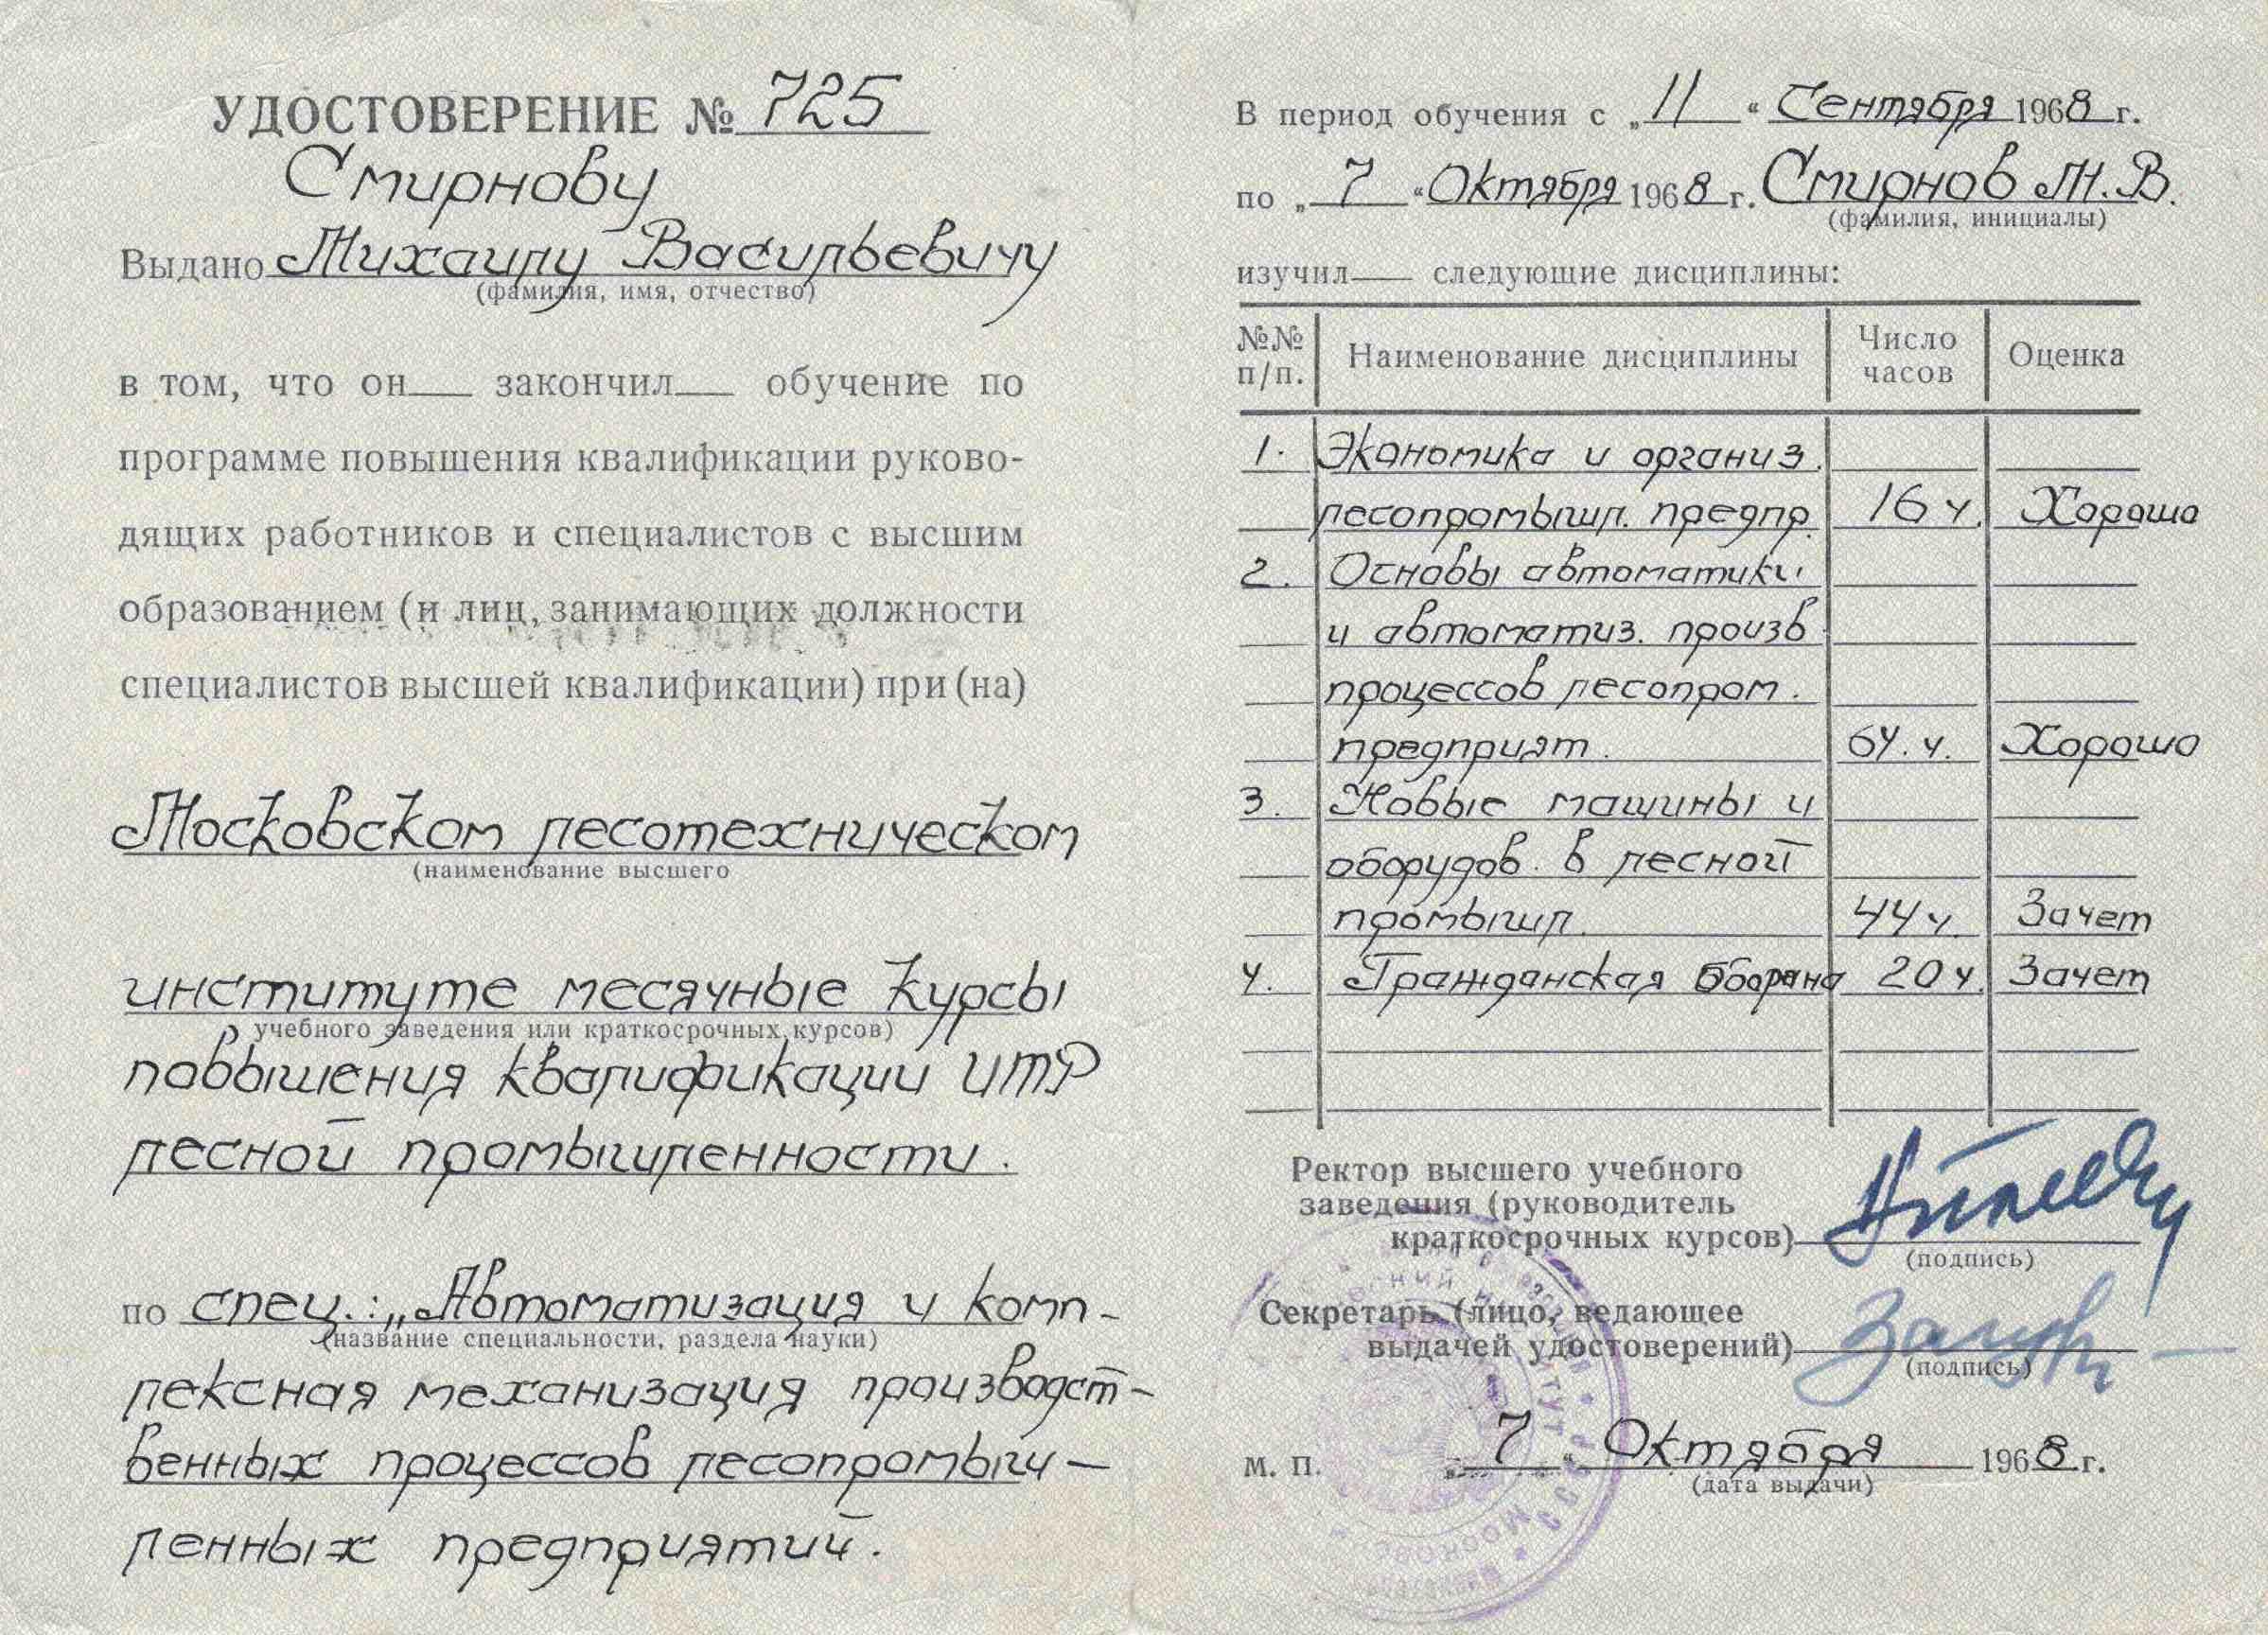 2. Удостоверение